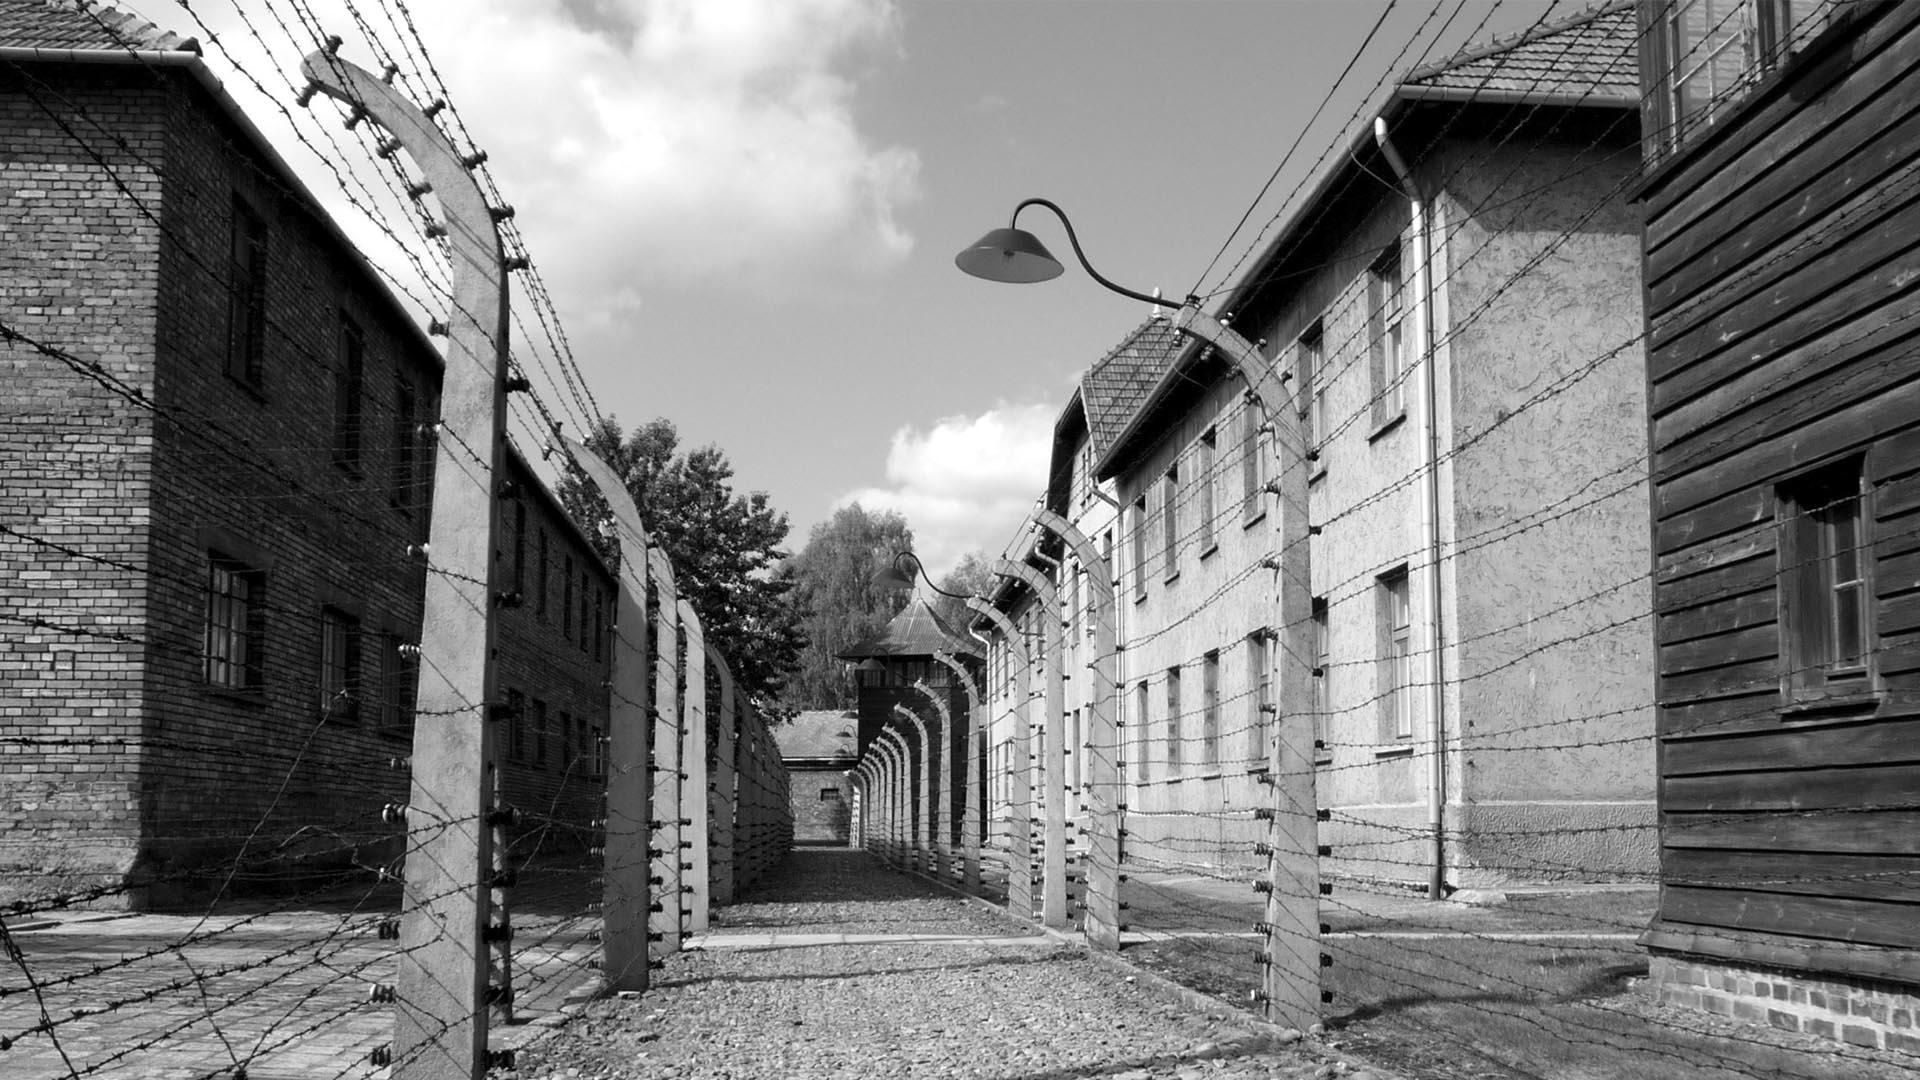 Los alambres de púa. A los que intentaban fugar los nazis los fusilaban a la vista de los demás